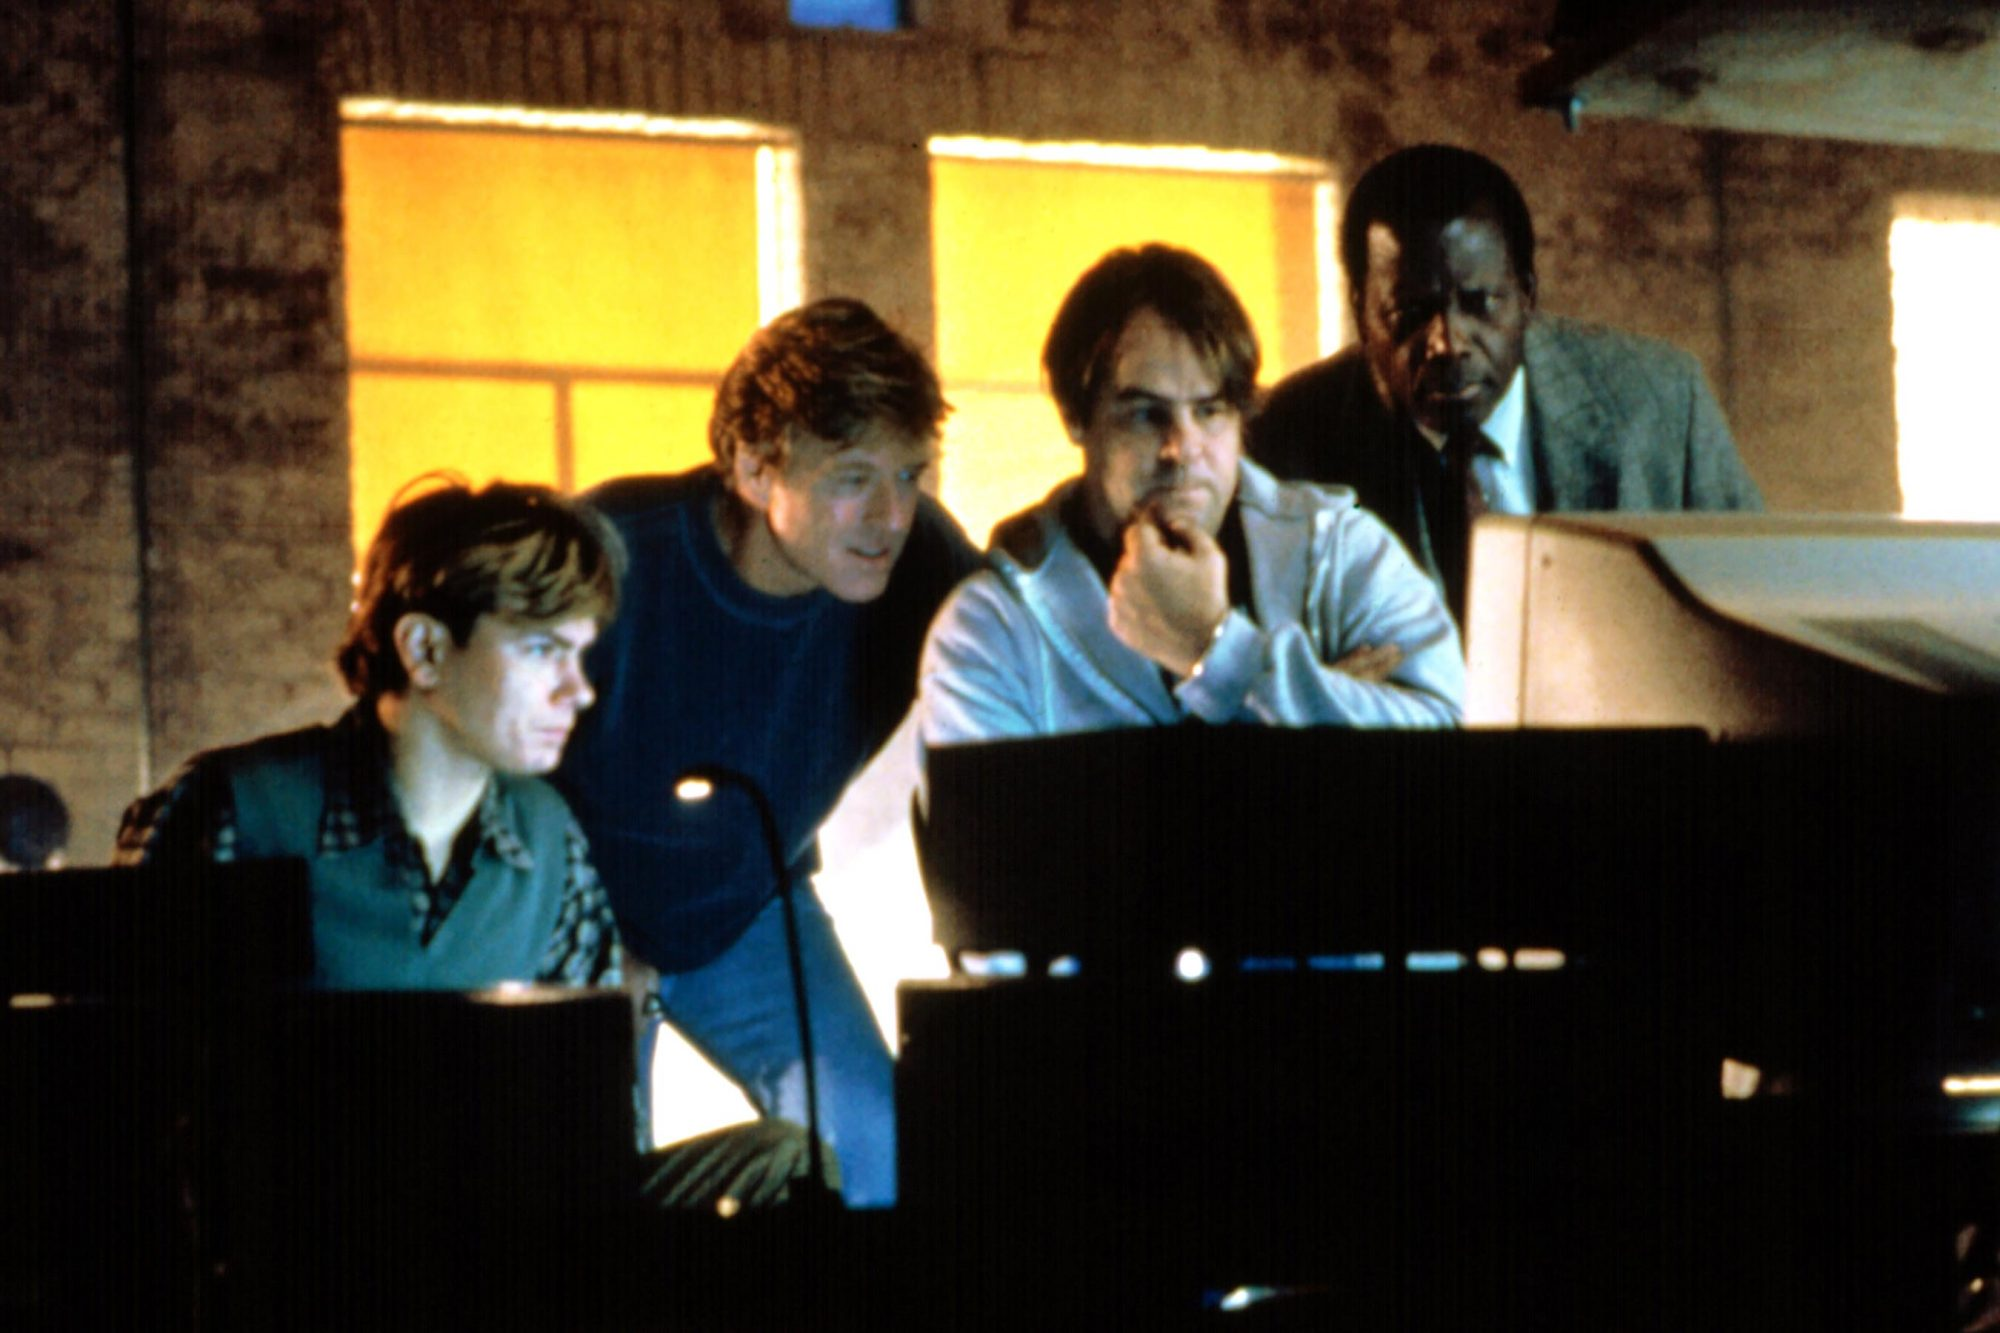 SNEAKERS, River Phoenix, Robert Redford, Dan Aykroyd, Sidney Poitier, 1992